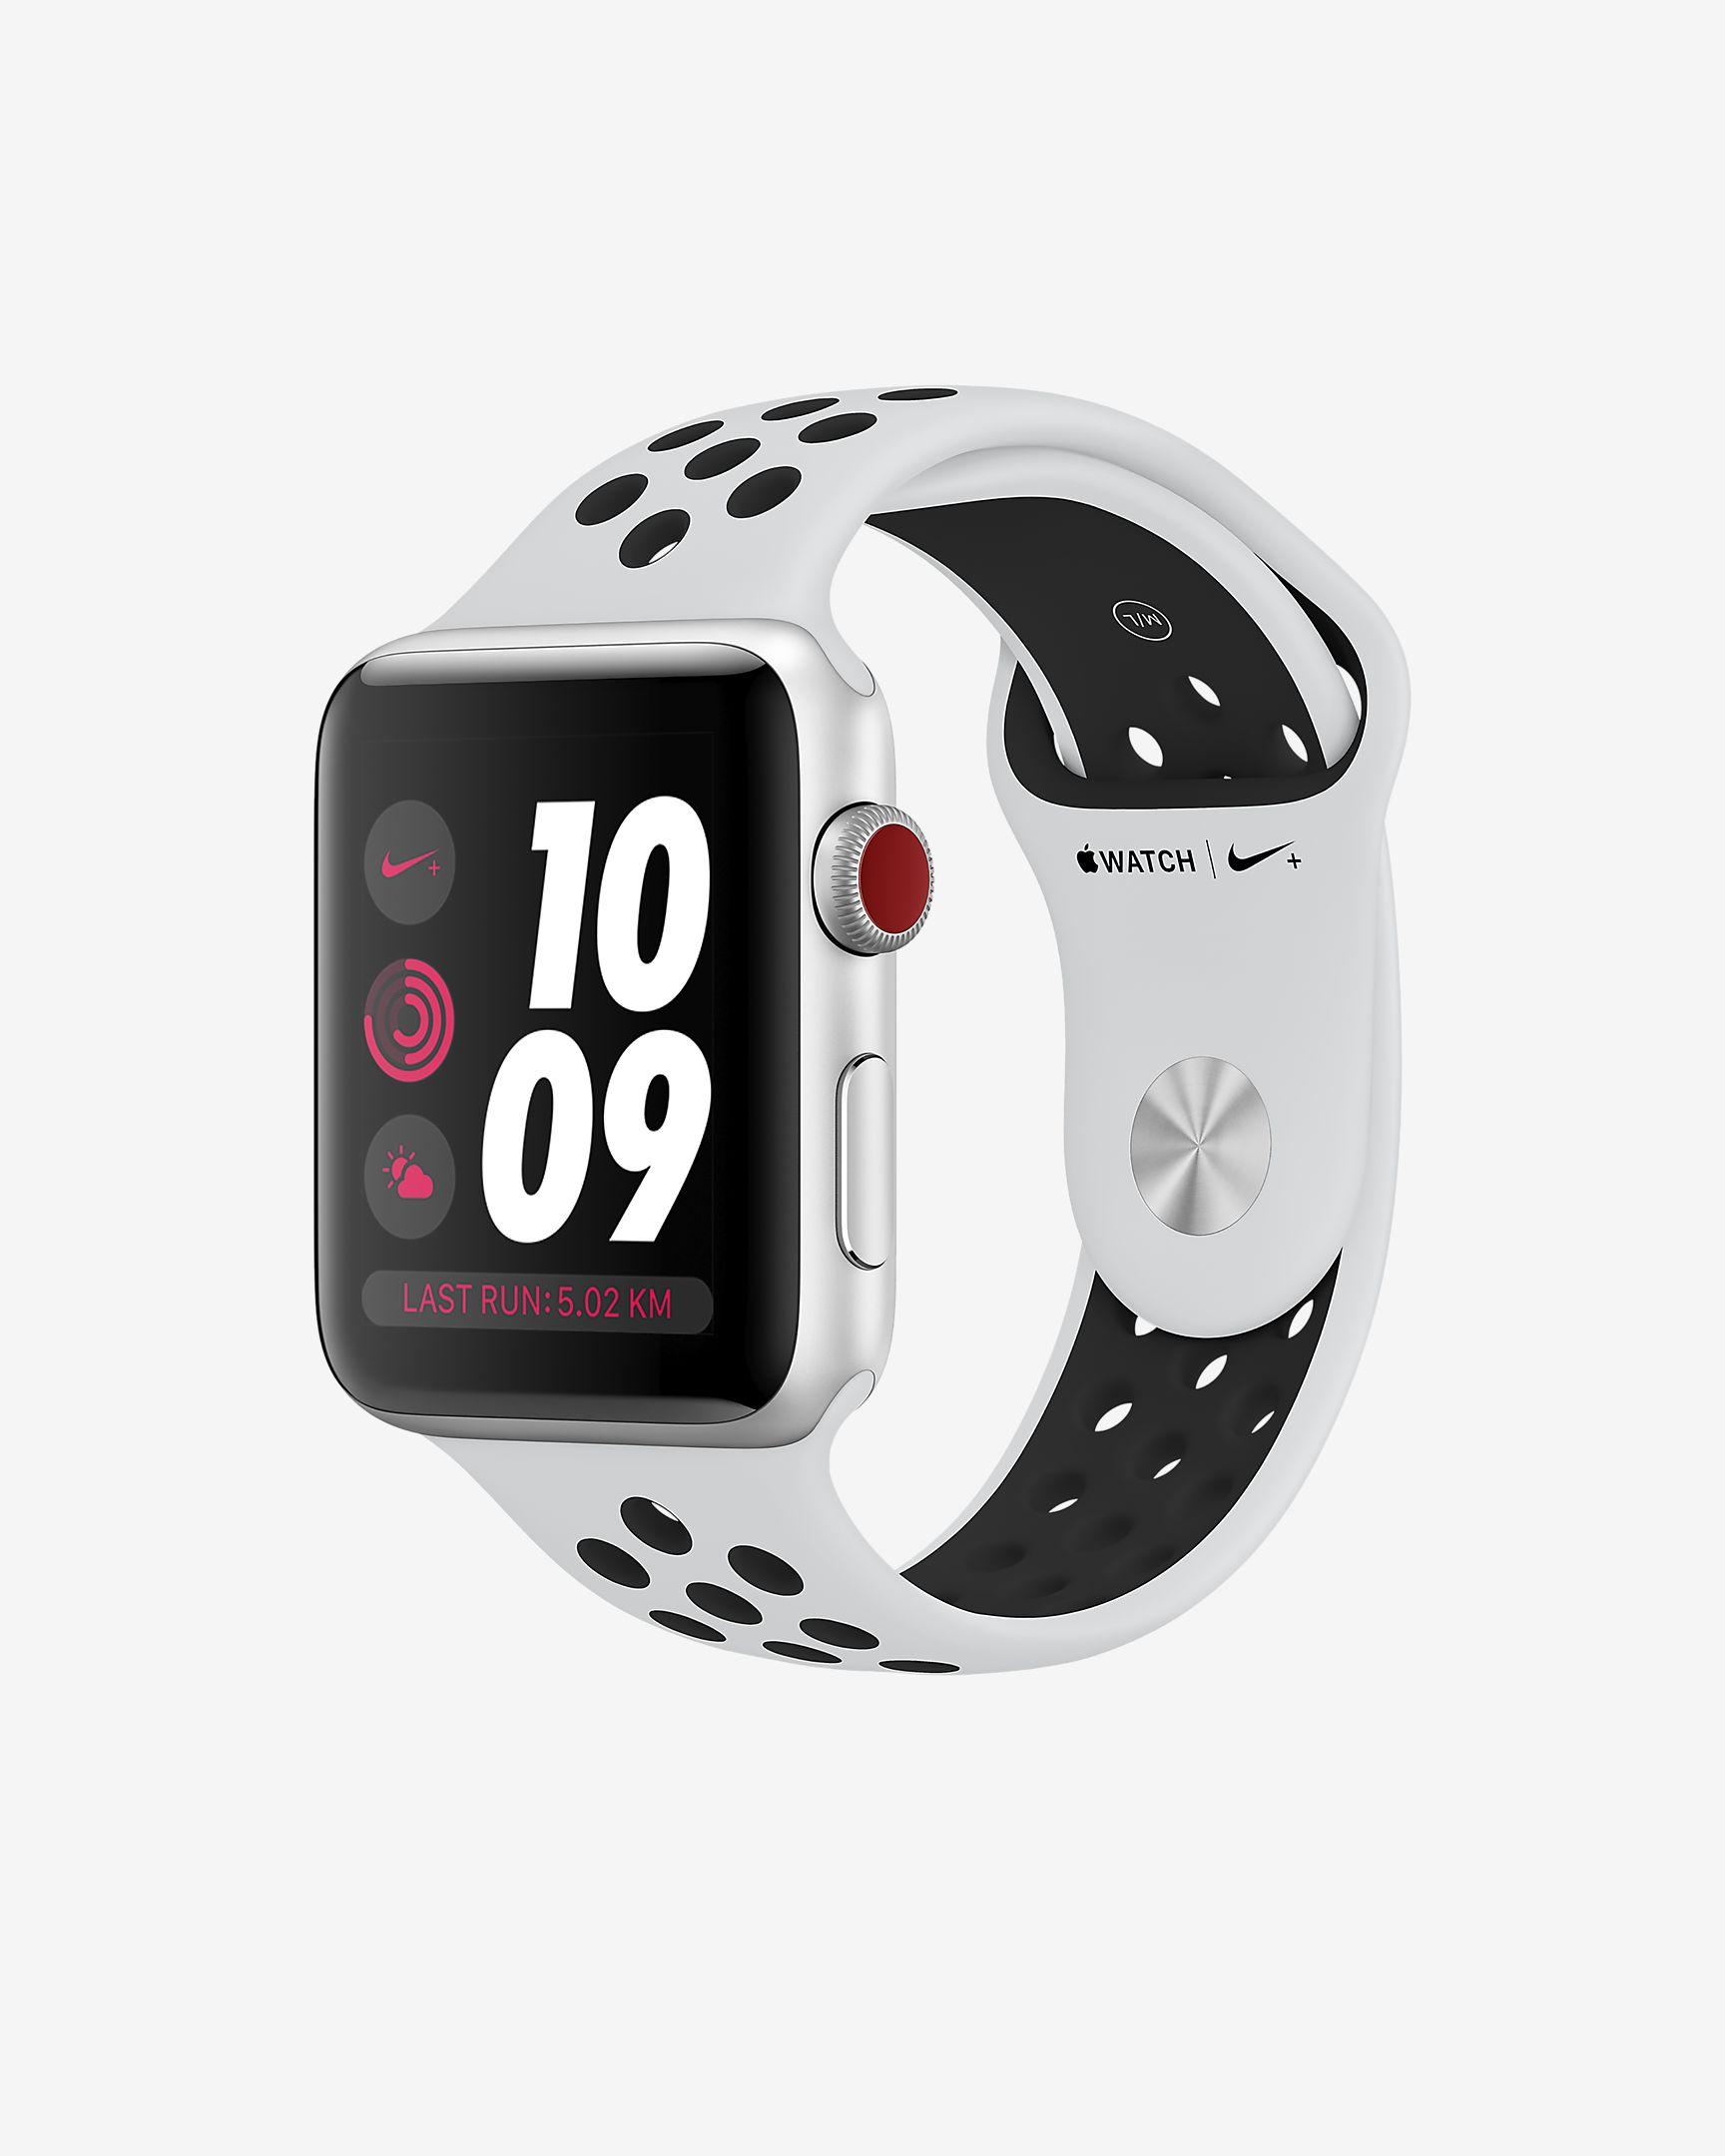 尽情奔跑 Apple Watch Nike+ 三代苹果运动手表